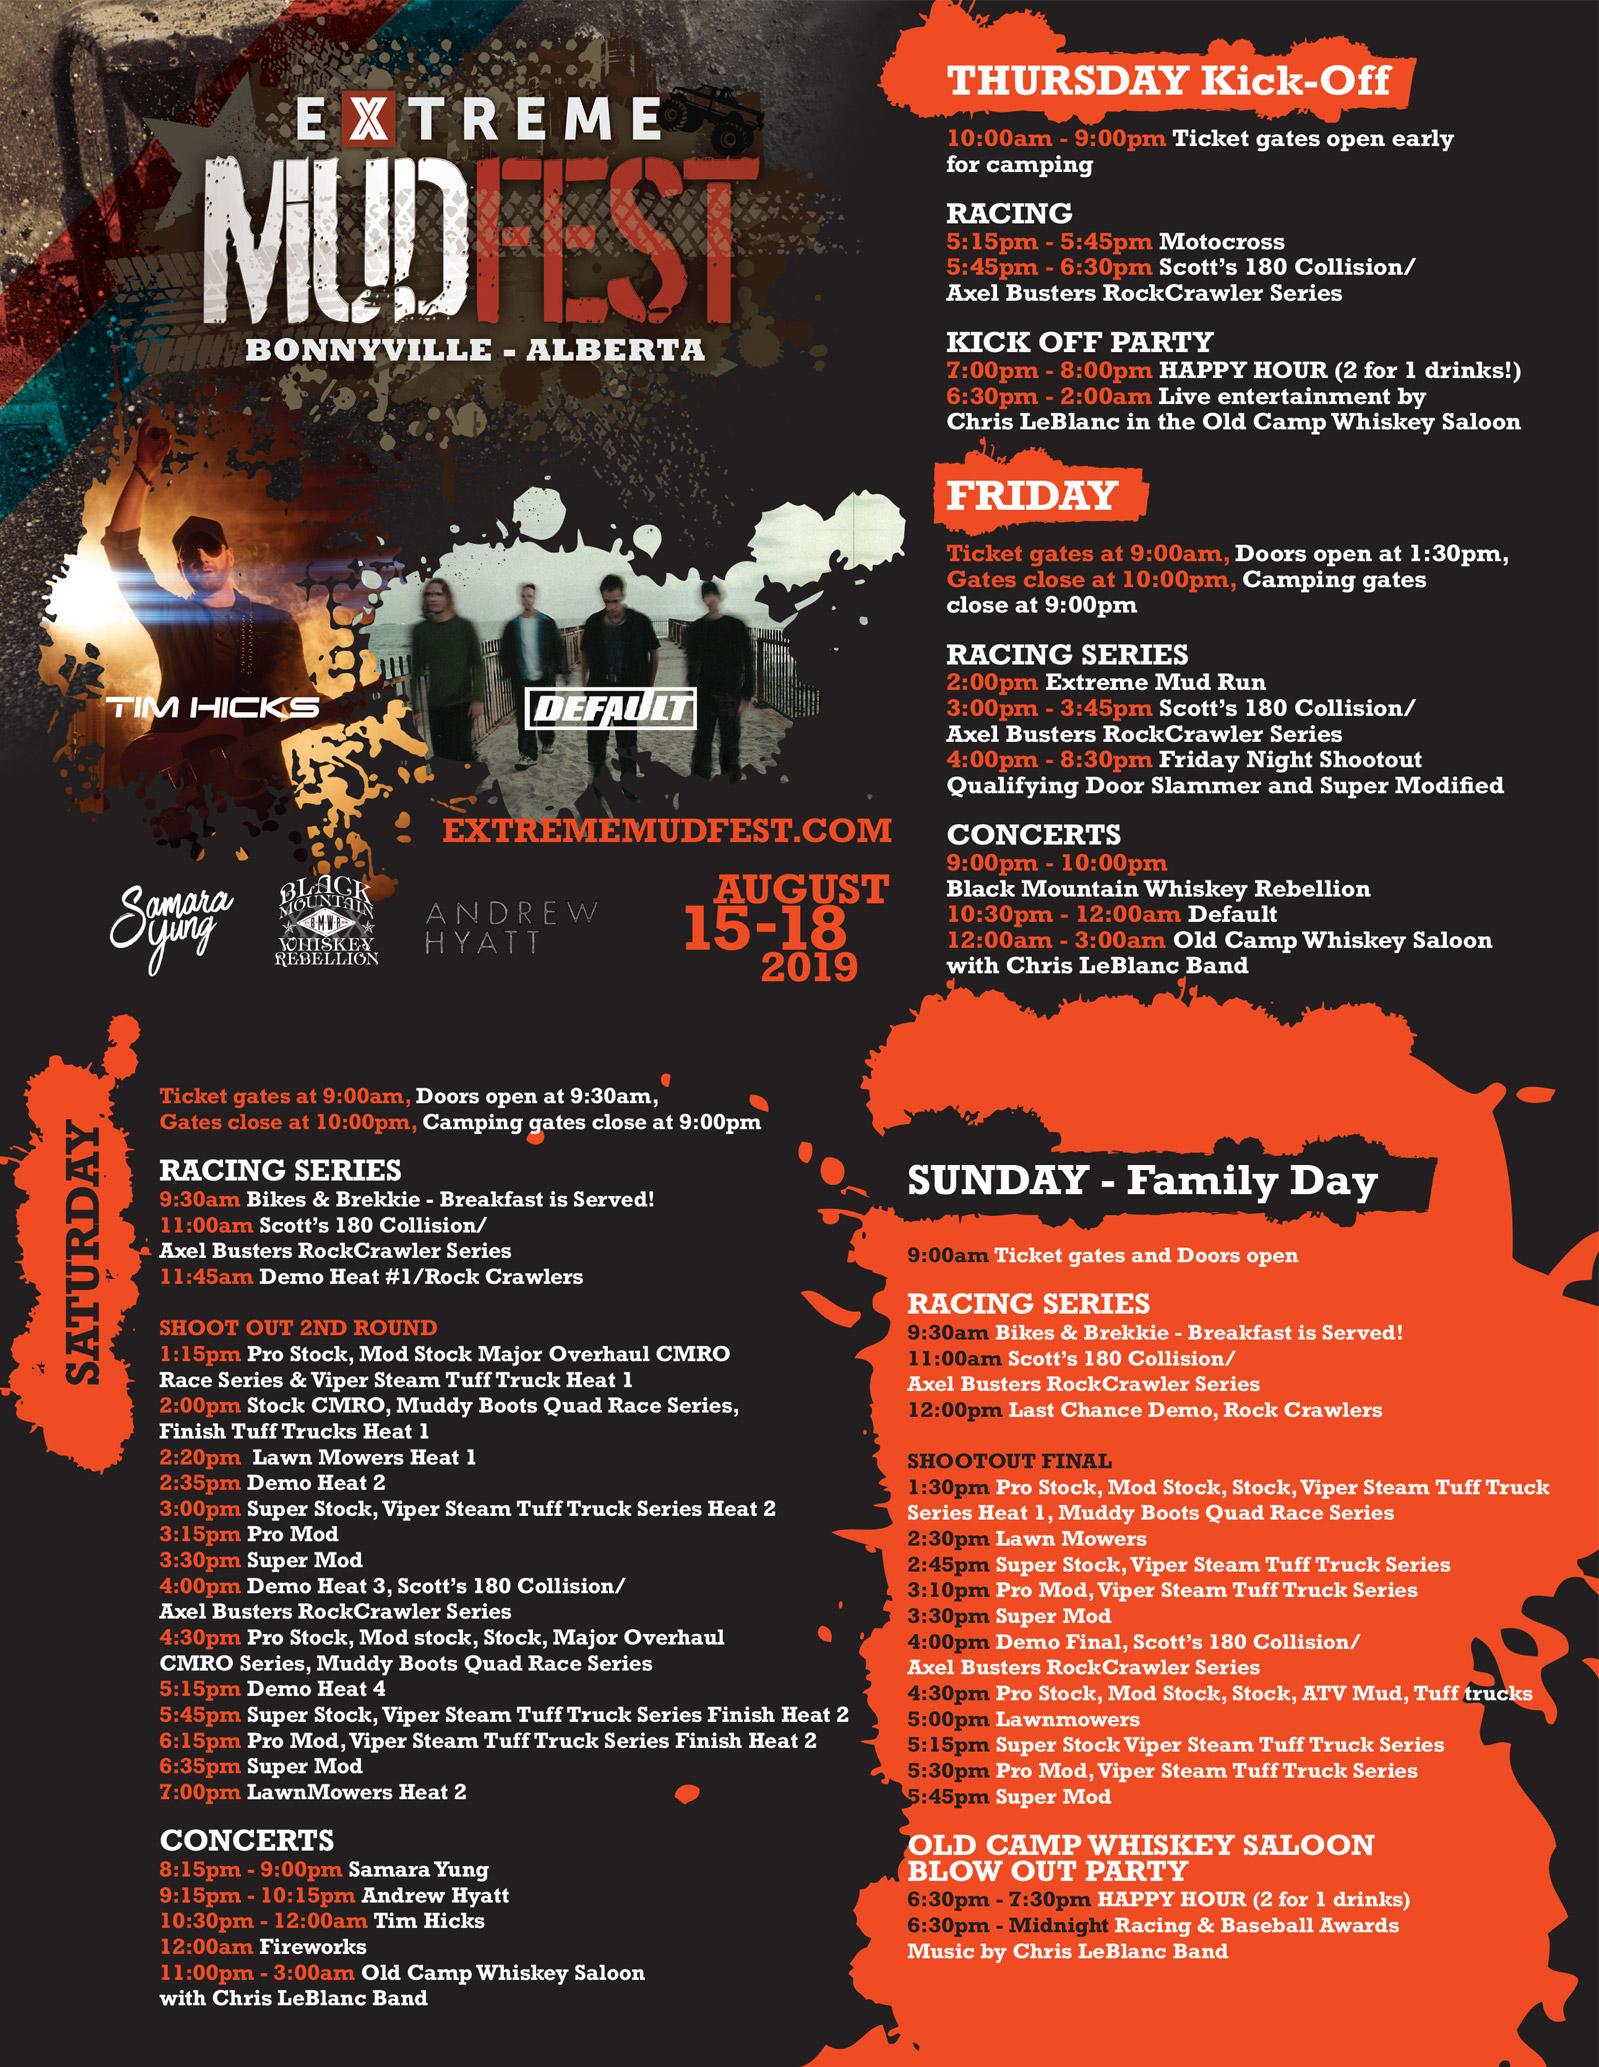 Extreme Mudfest 2019 Schedule